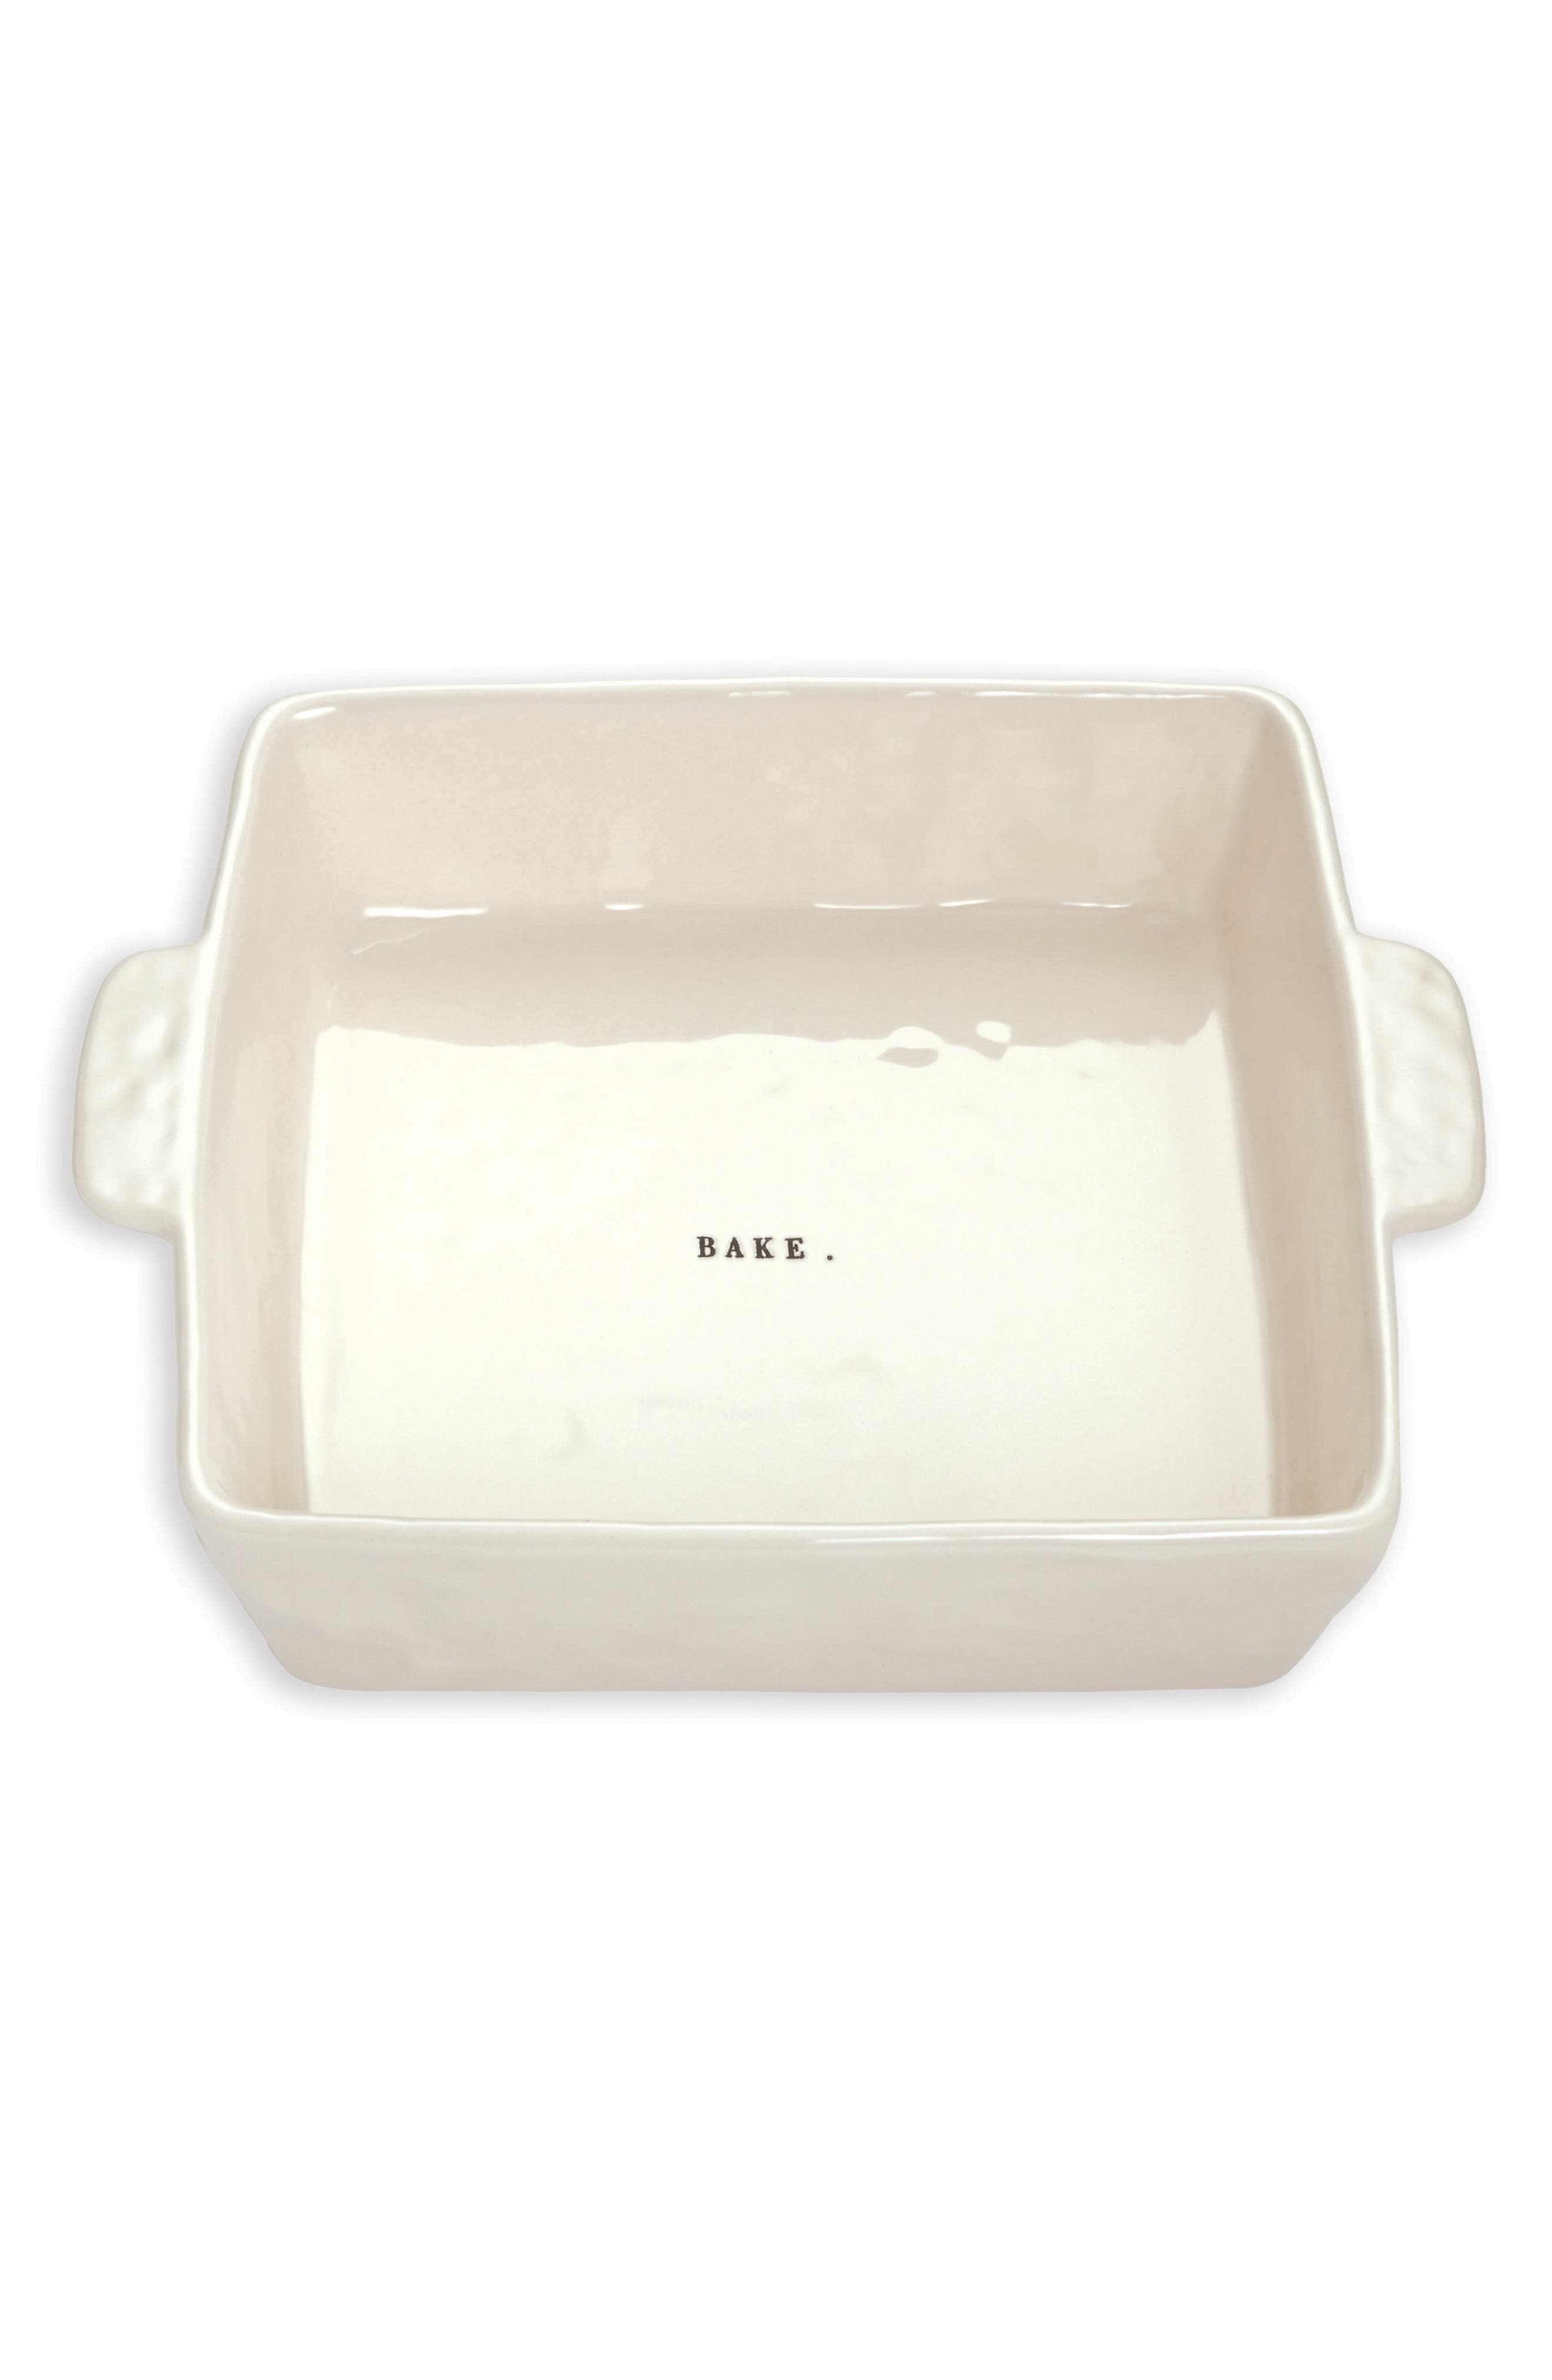 Main Image - Rae Dunn Ceramic Bake Dish